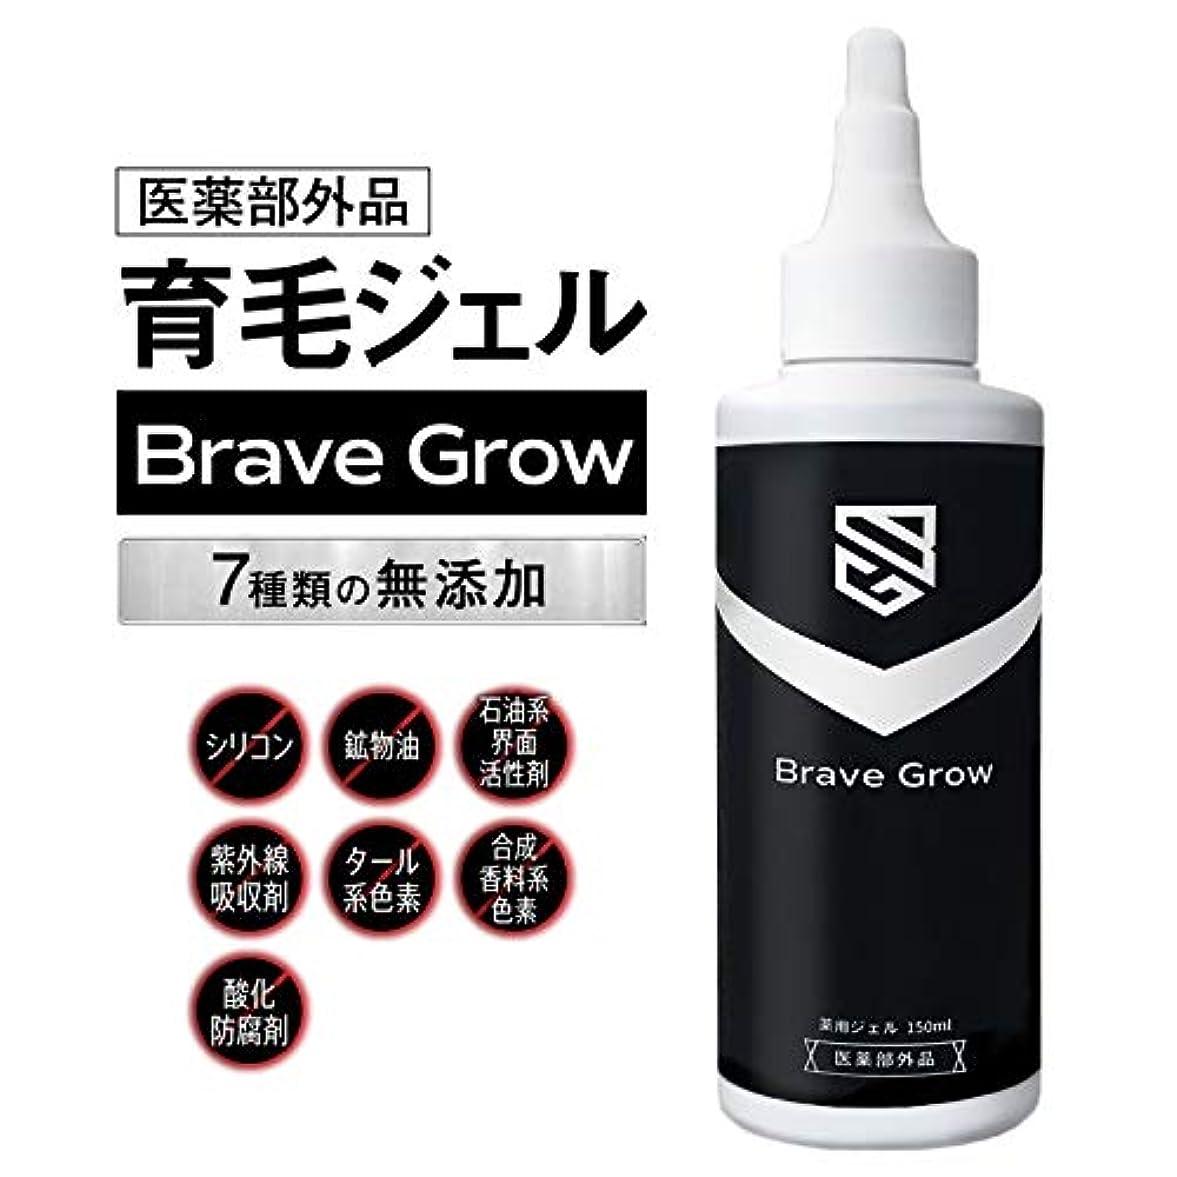 あなたはスリップ蒸し器育毛剤 BraveGrow ブレイブグロー 150ml 【医薬部外品】ジェルタイプ 男性